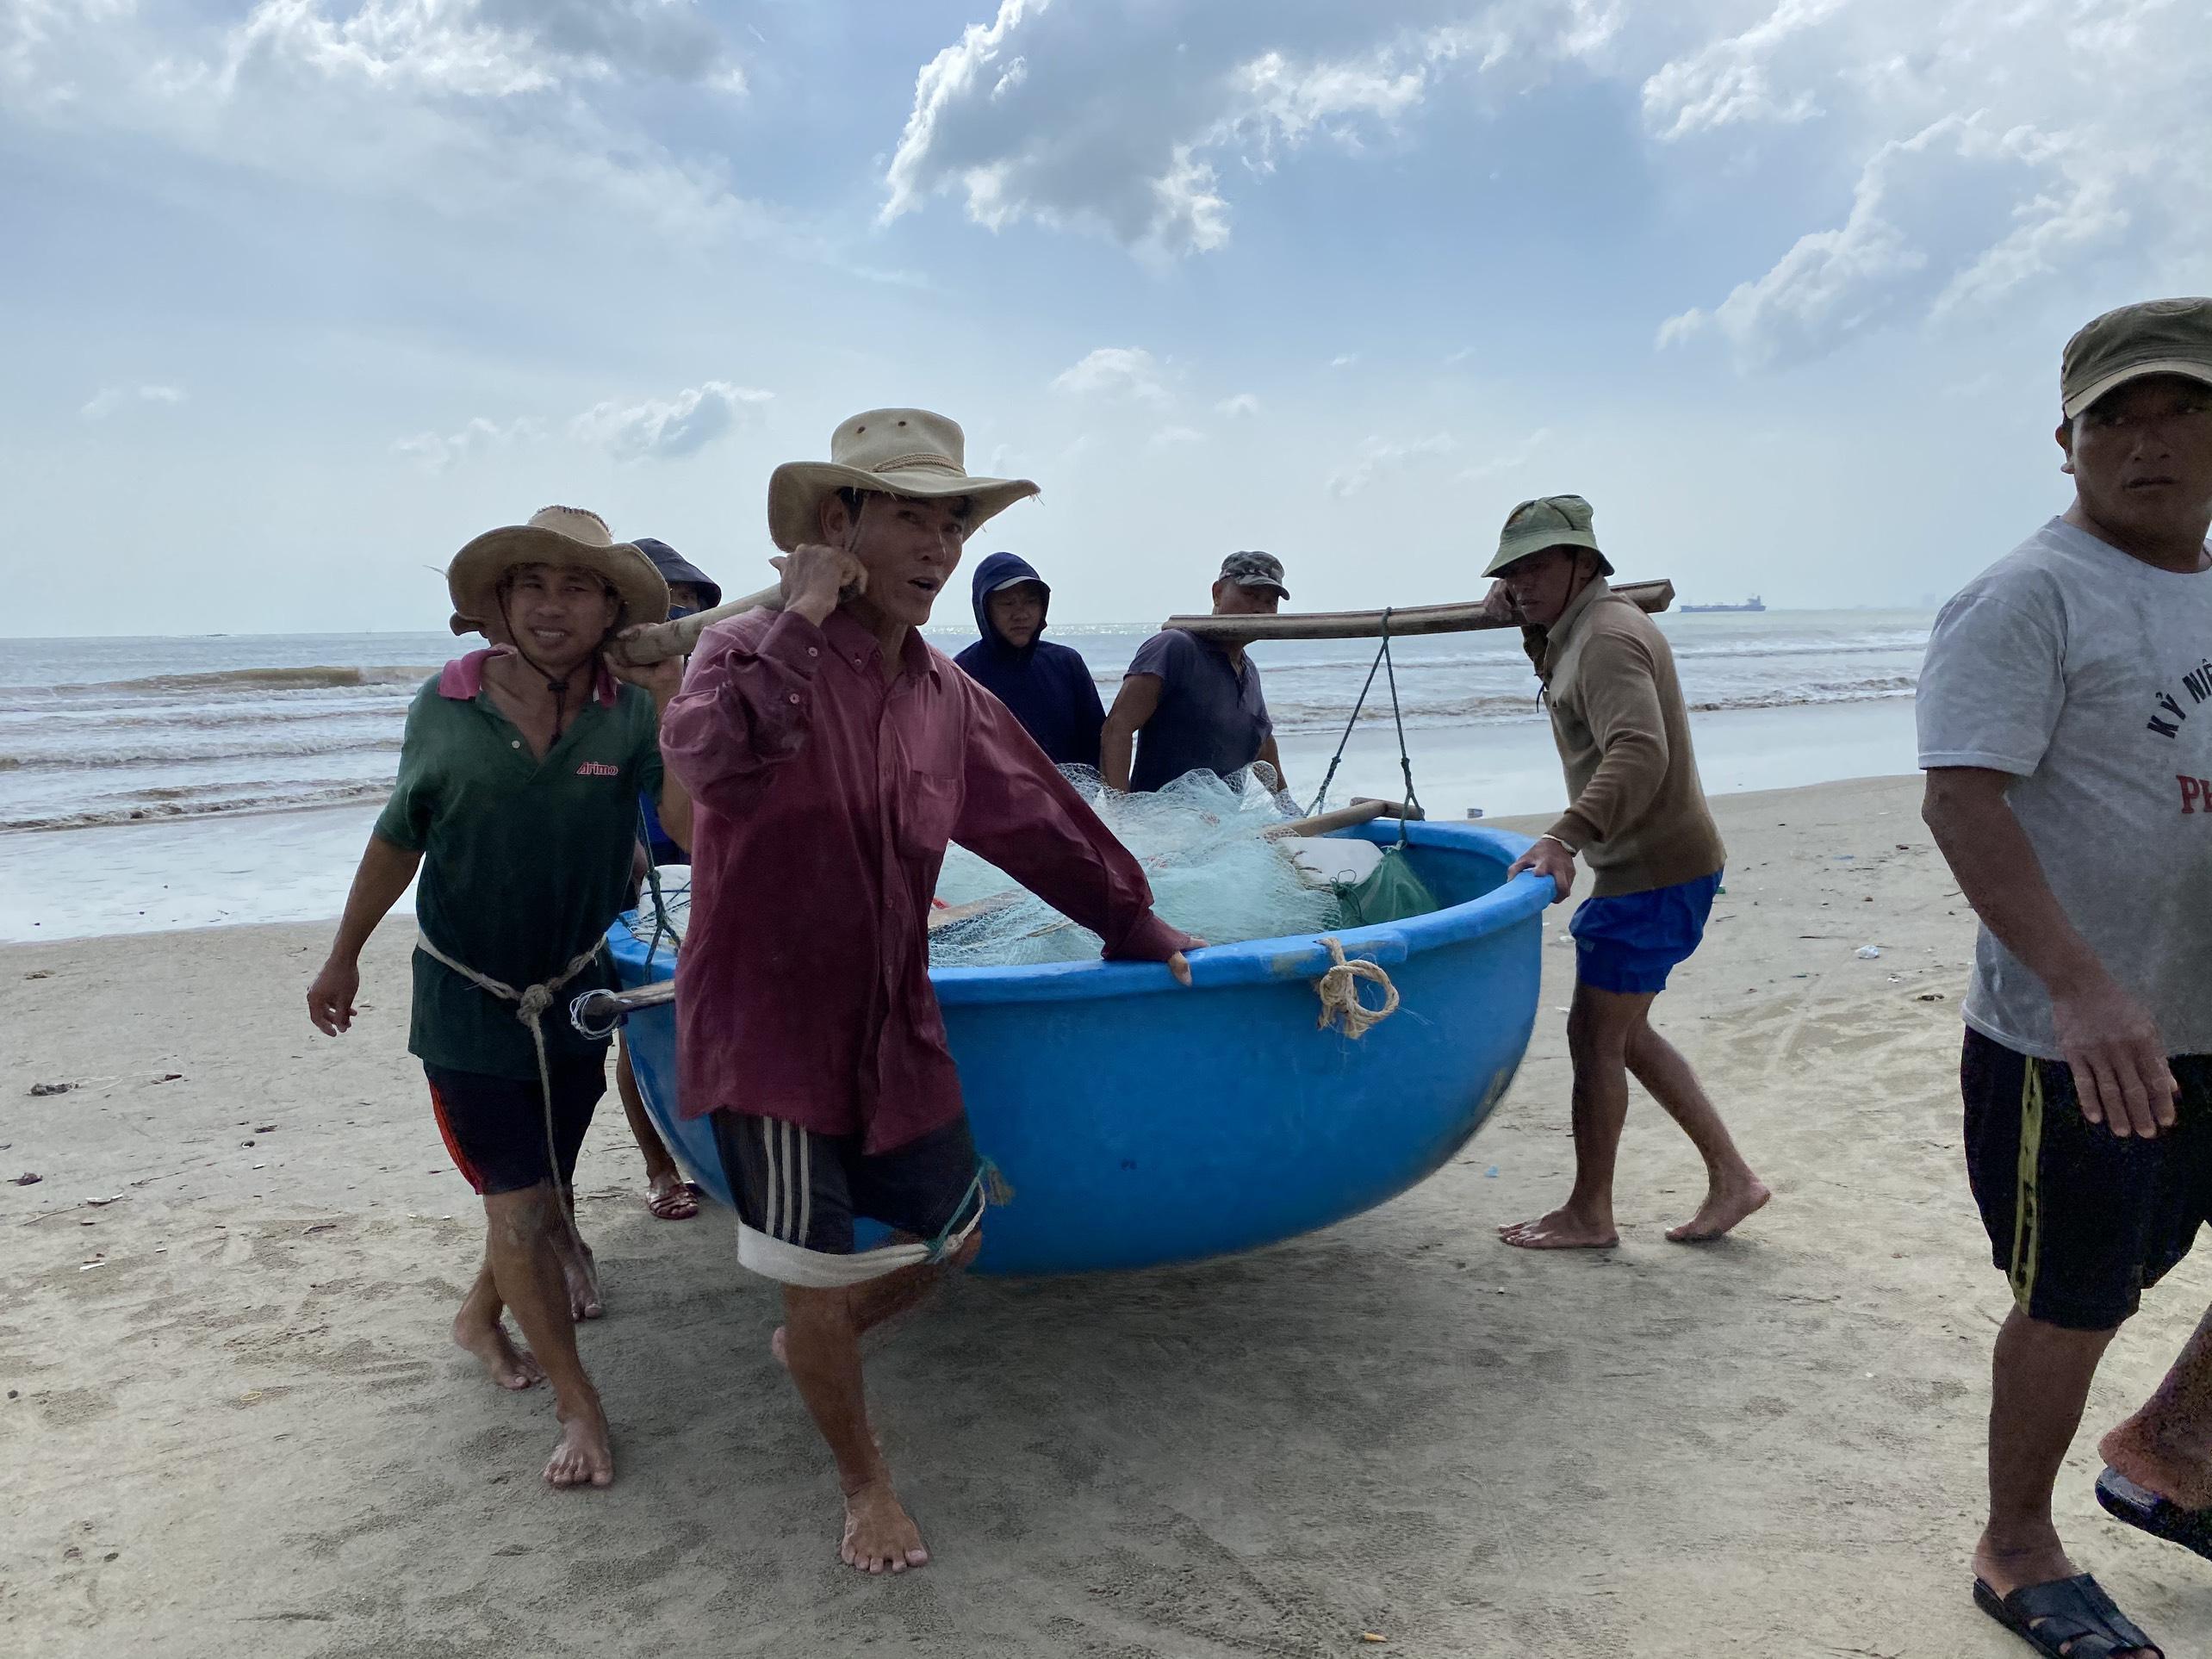 [Ảnh] Xe tải cẩu chở thuyền đến nơi an toàn, công an, bộ đội giúp người Đà Nẵng chằng chống nhà cửa đón bão số 9 - Ảnh 2.